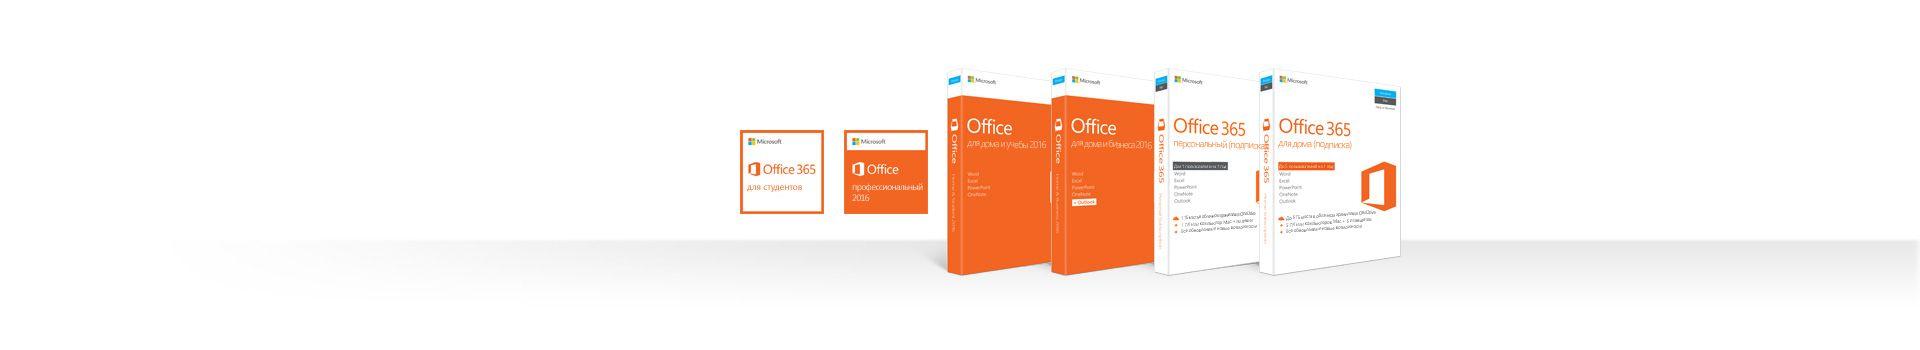 Набор коробок с продуктами Office2016 и Office365 для компьютеров с Windows